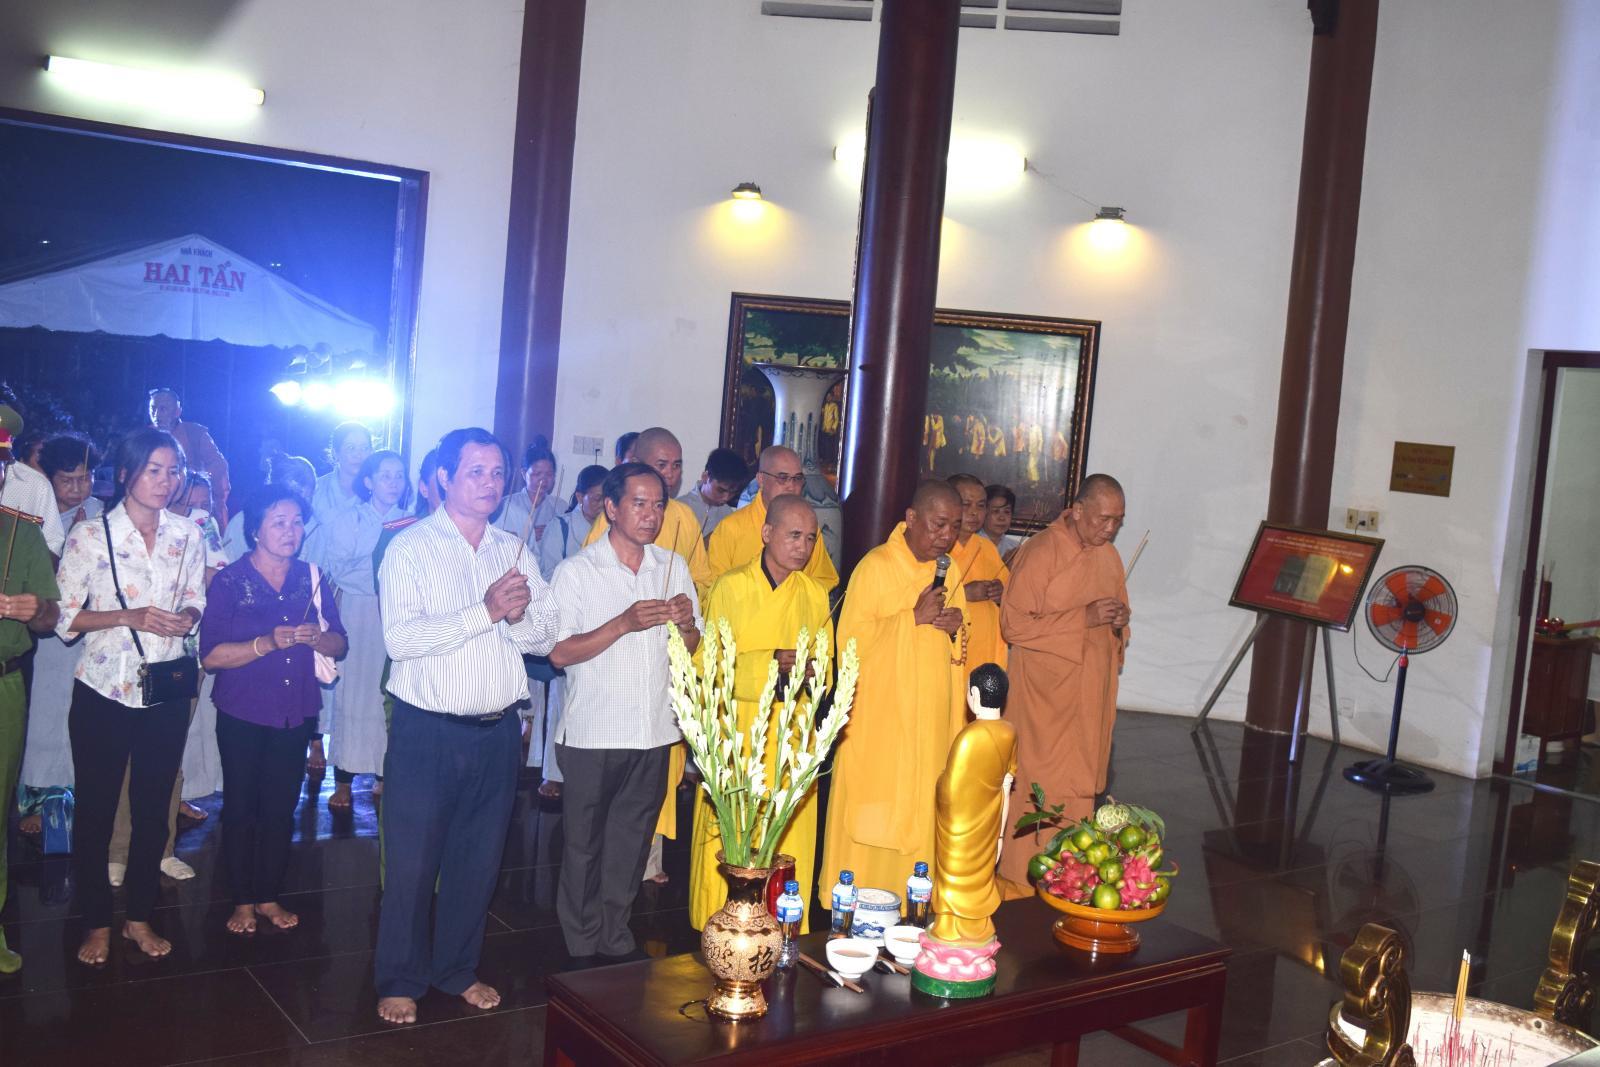 Hoạt động Văn hóa truyền thống Rằm Trung nguyên 2018 tại Khu di tích Nguyễn Sinh Sắc thu hút đông đảo khách tham quan